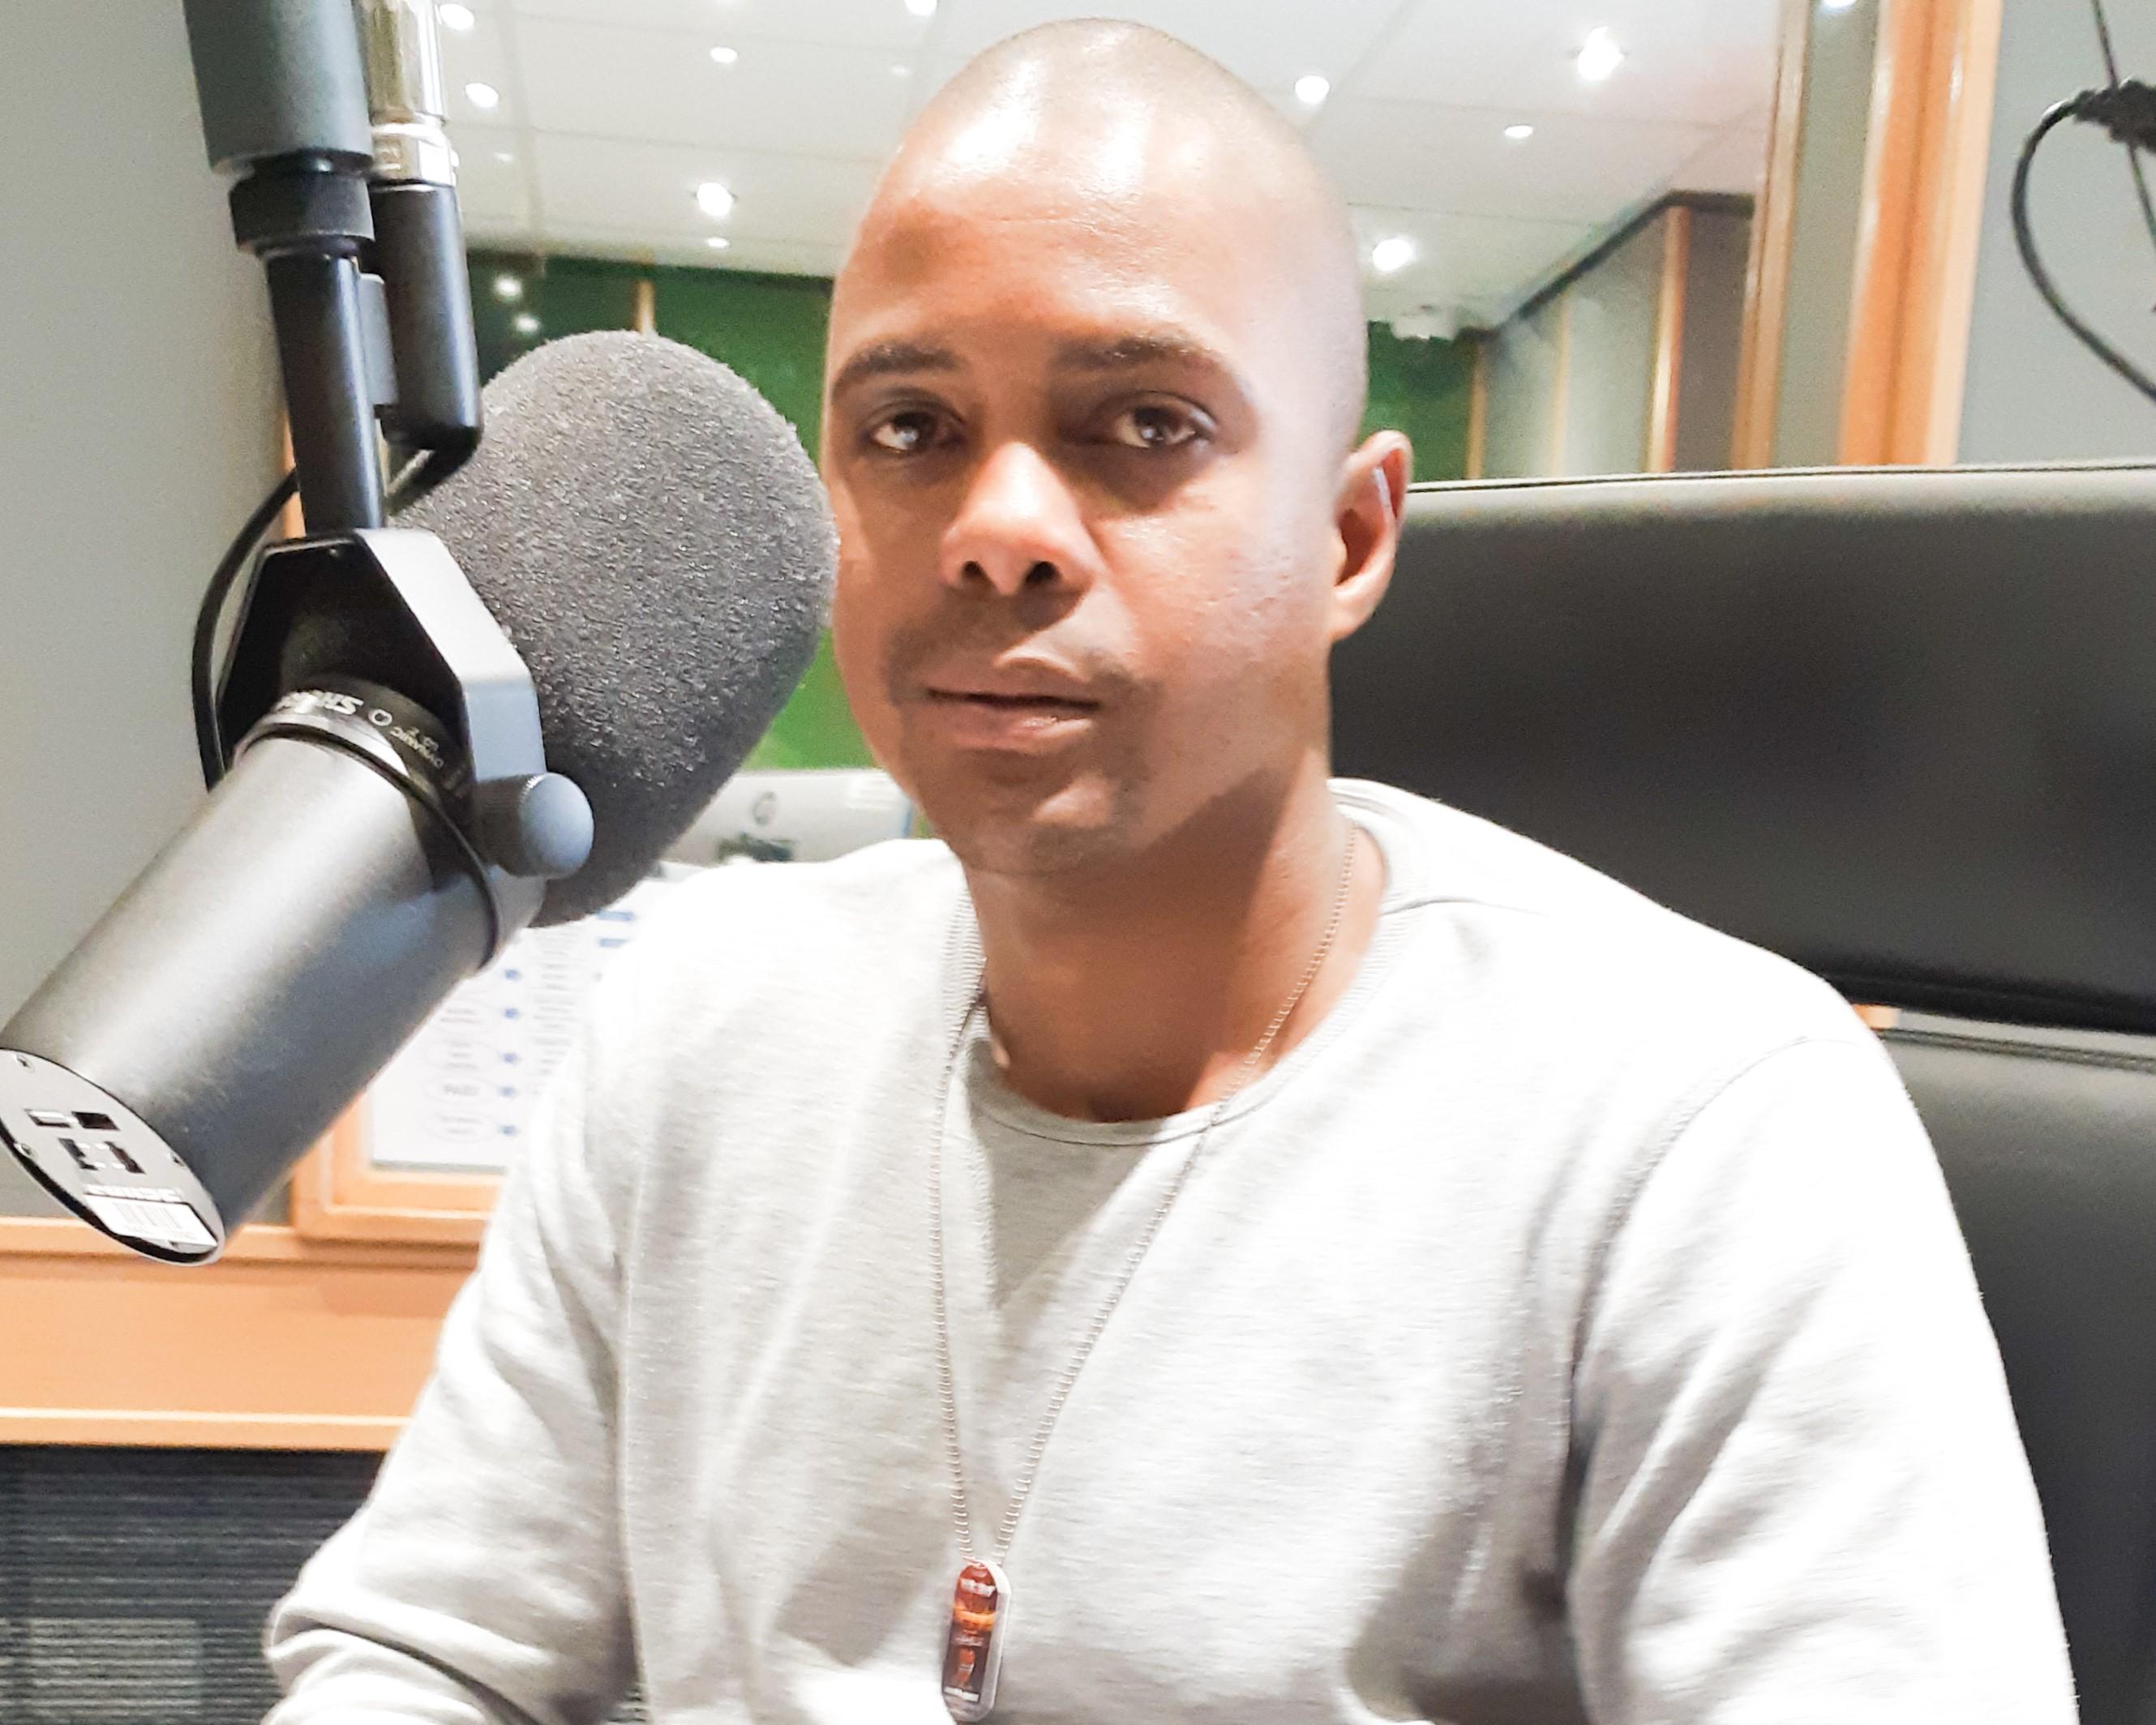 Snethemba Mthabela